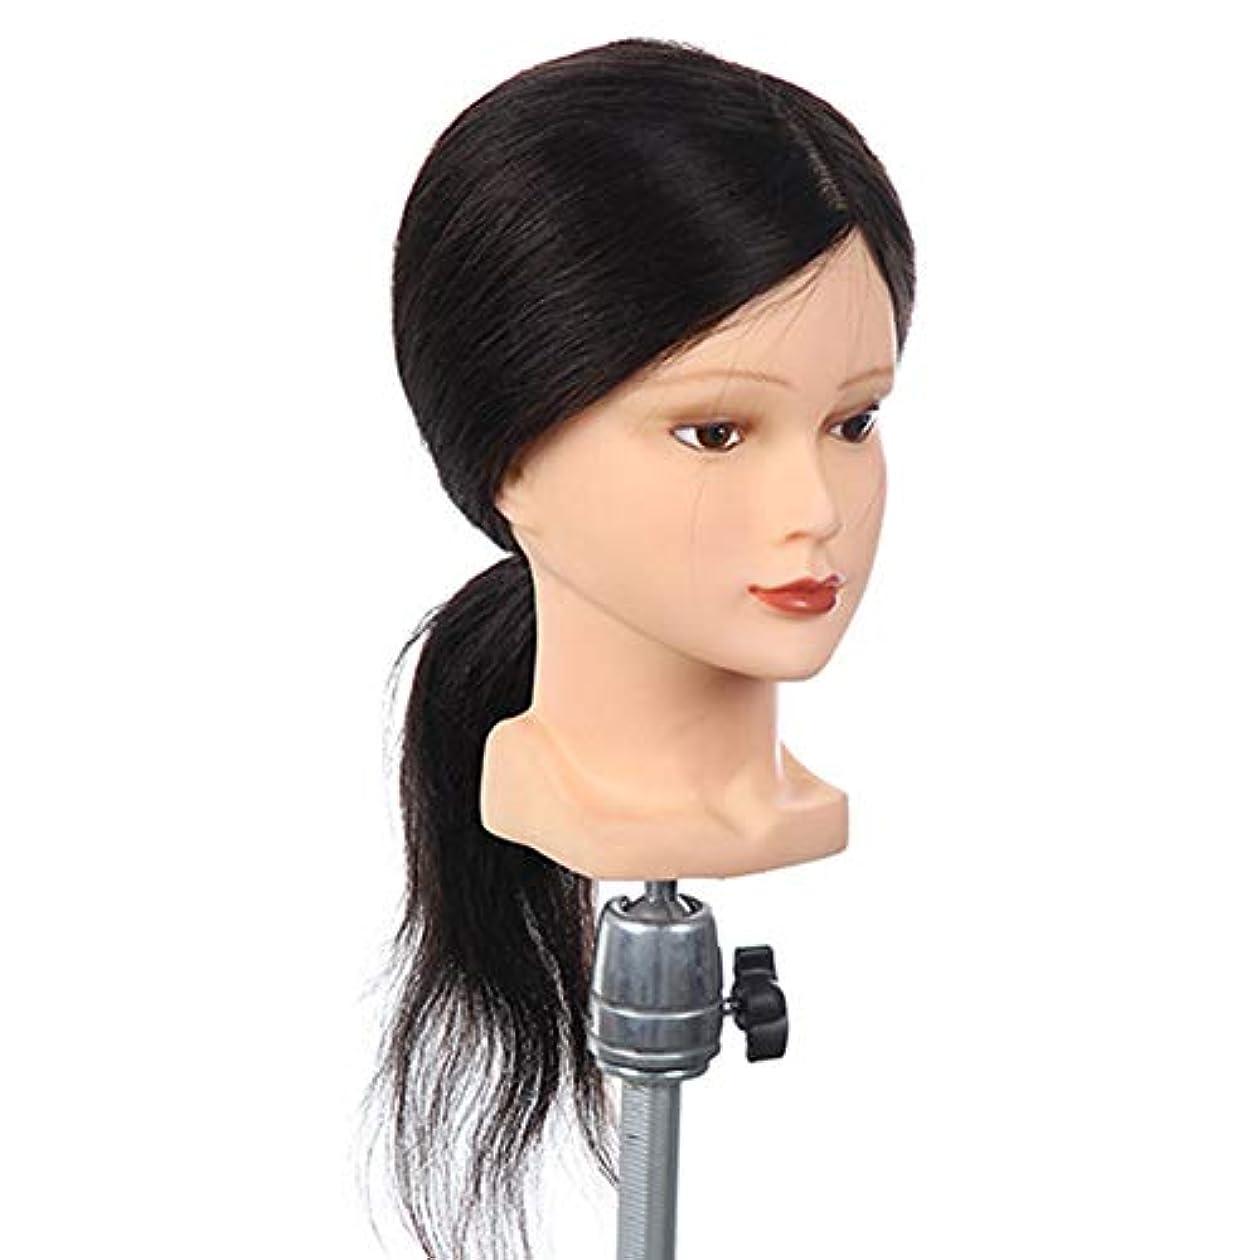 同じ雇用吐き出す100%本物の髪型モデルヘッド花嫁ヘアエクササイズヘッド金型理髪店学習ダミーヘッドはパーマ毛髪染料することができます